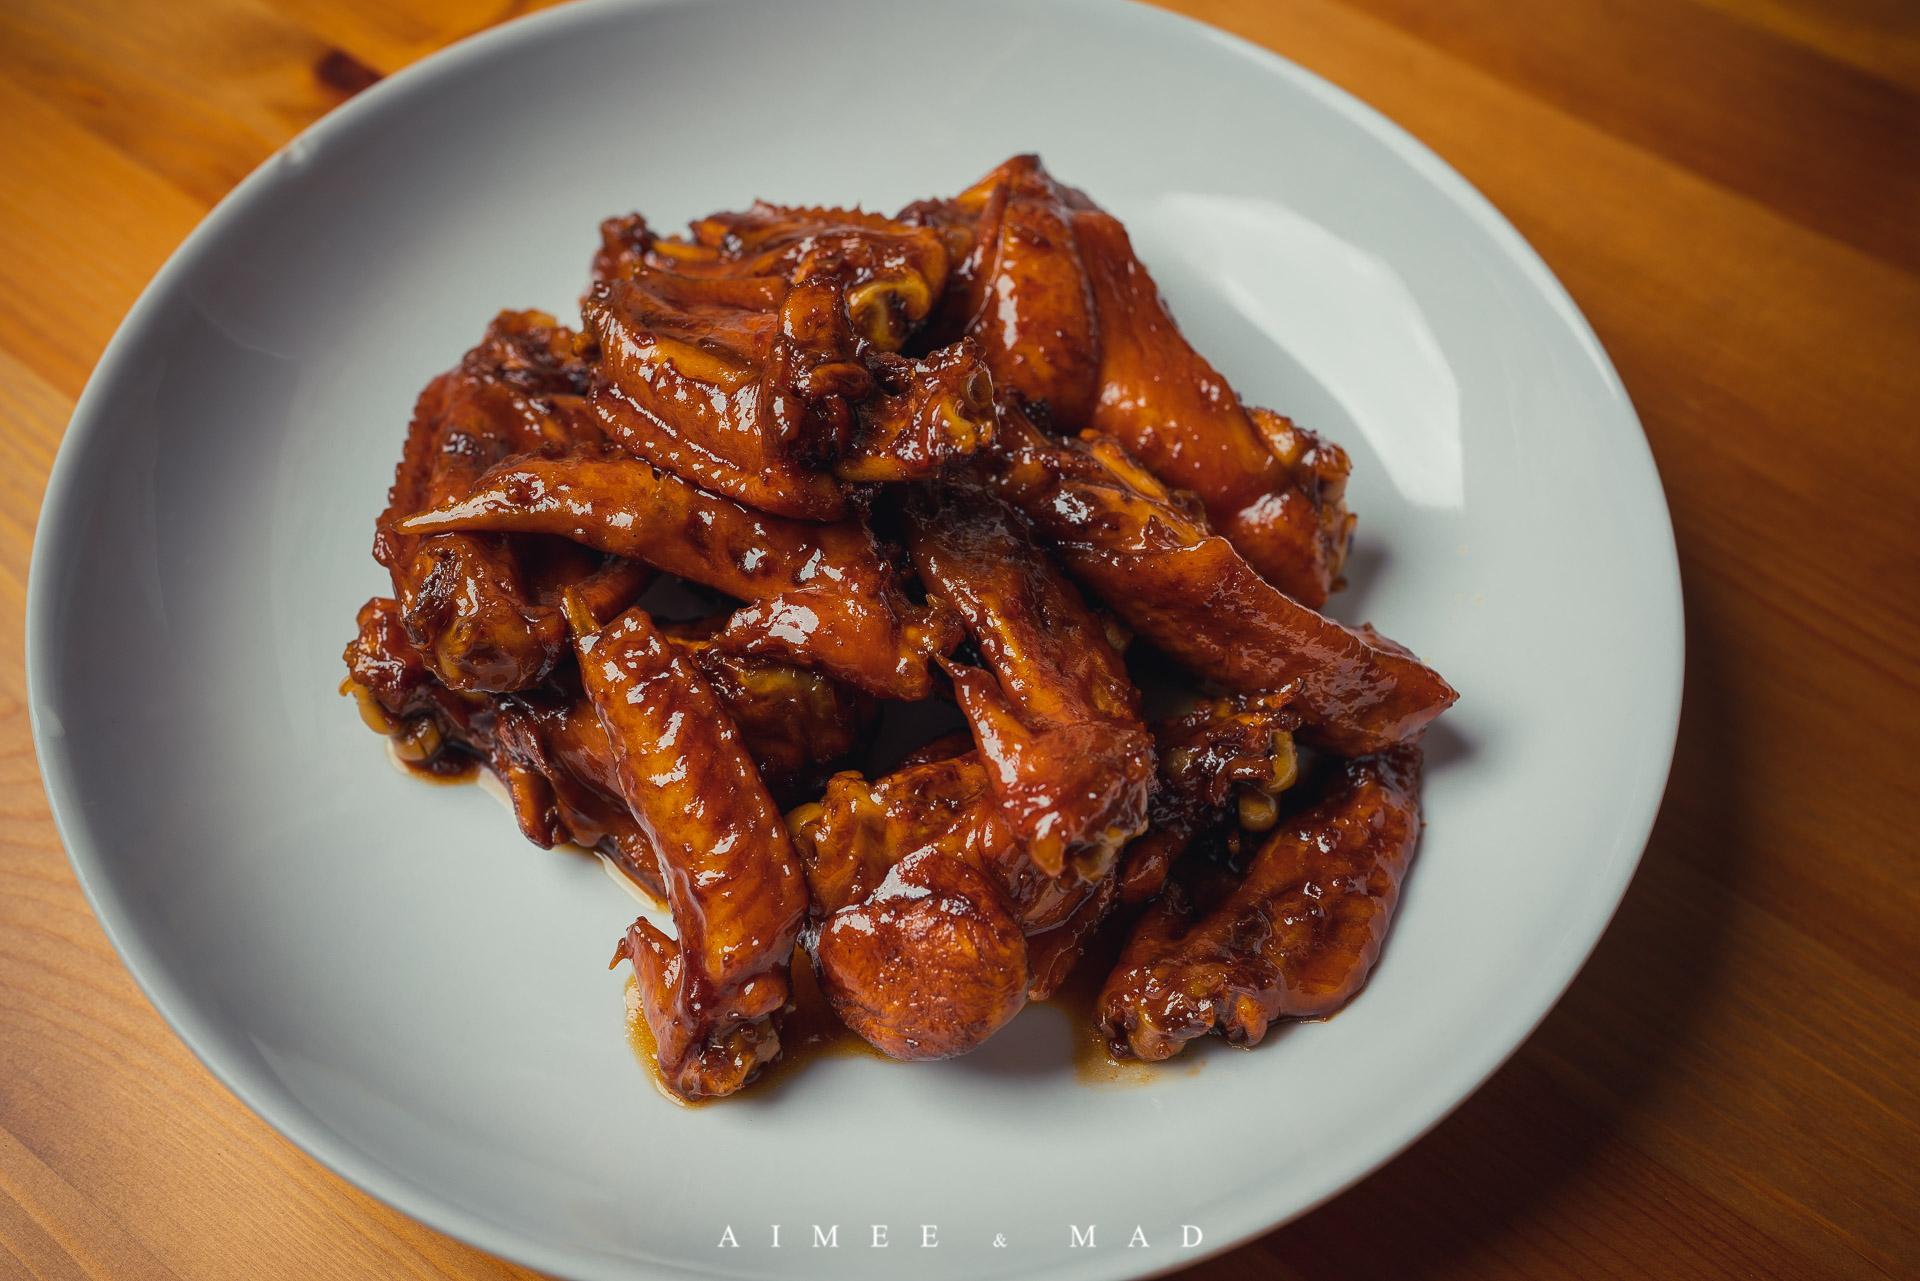 【可樂雞】料理方法簡單,甜甜鹹鹹好下飯!